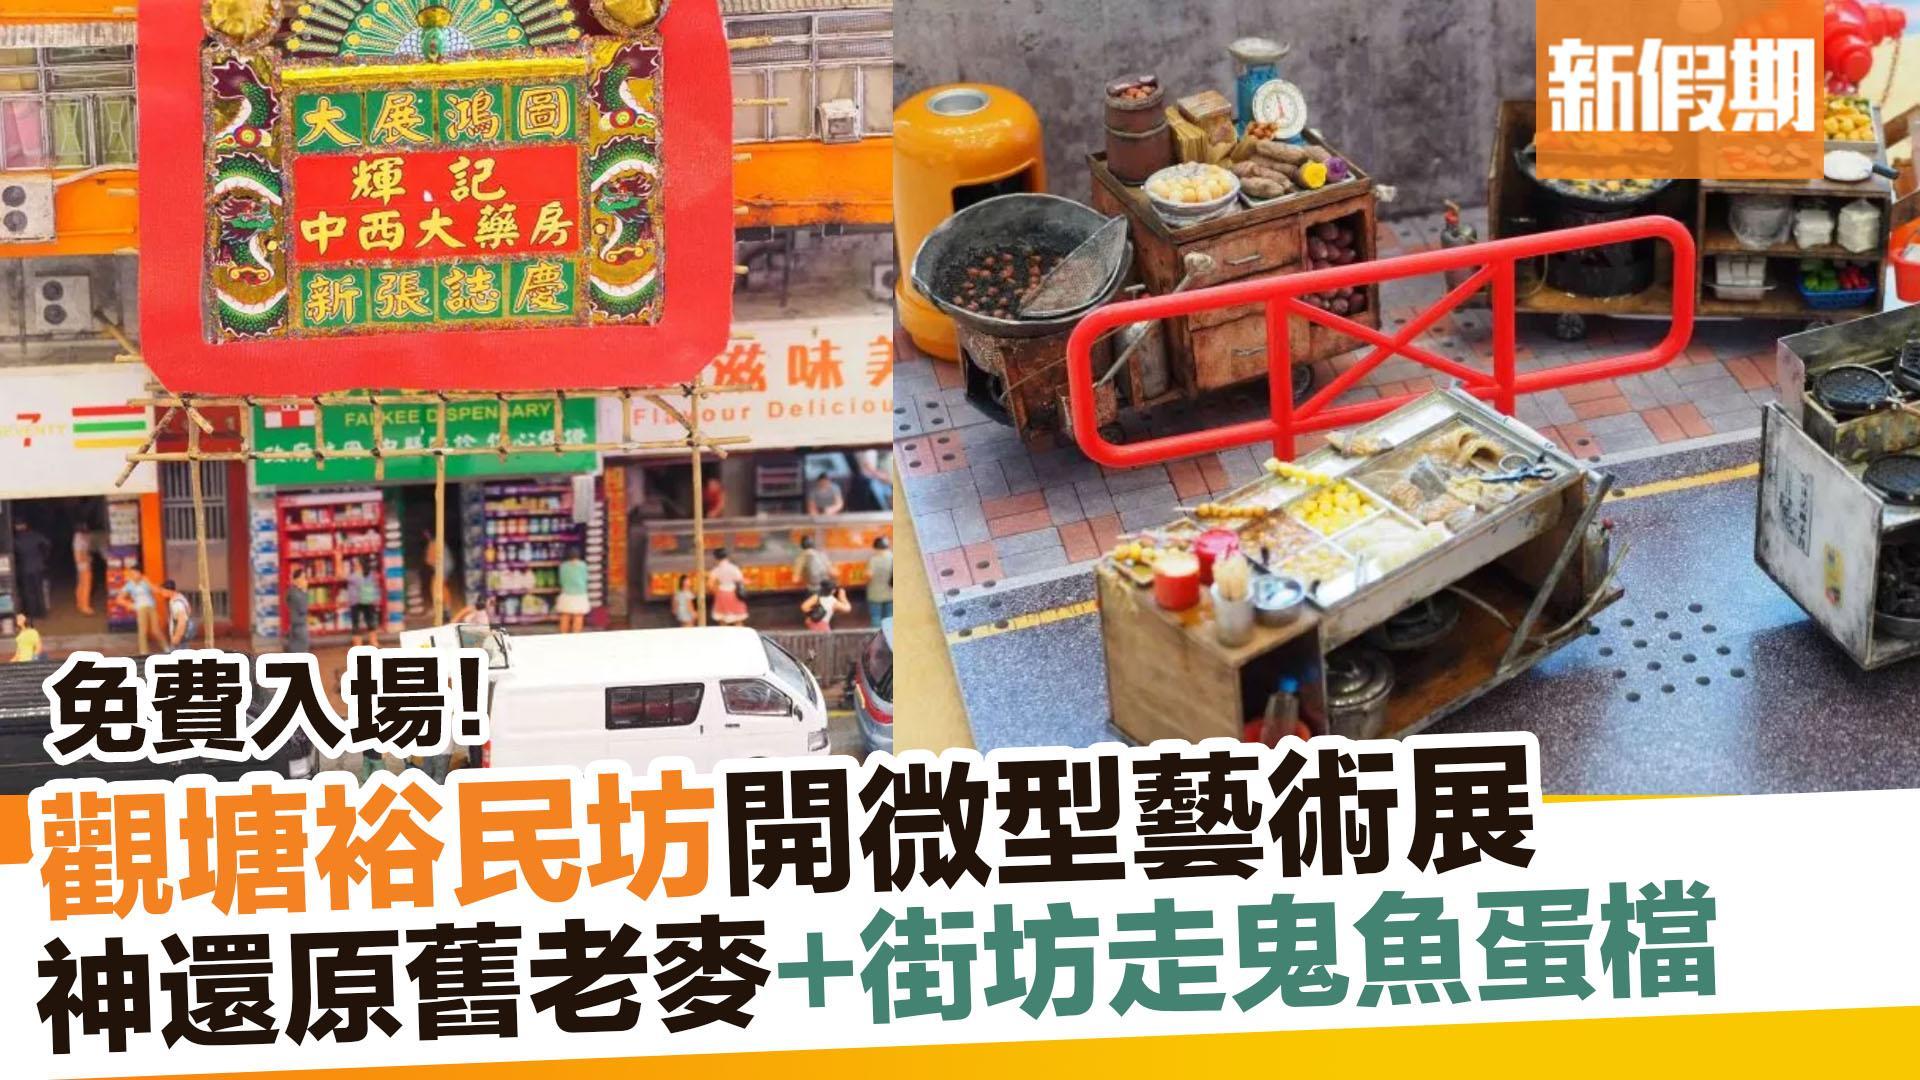 【香港好去處】觀塘裕民坊開免費微型藝術展|新假期